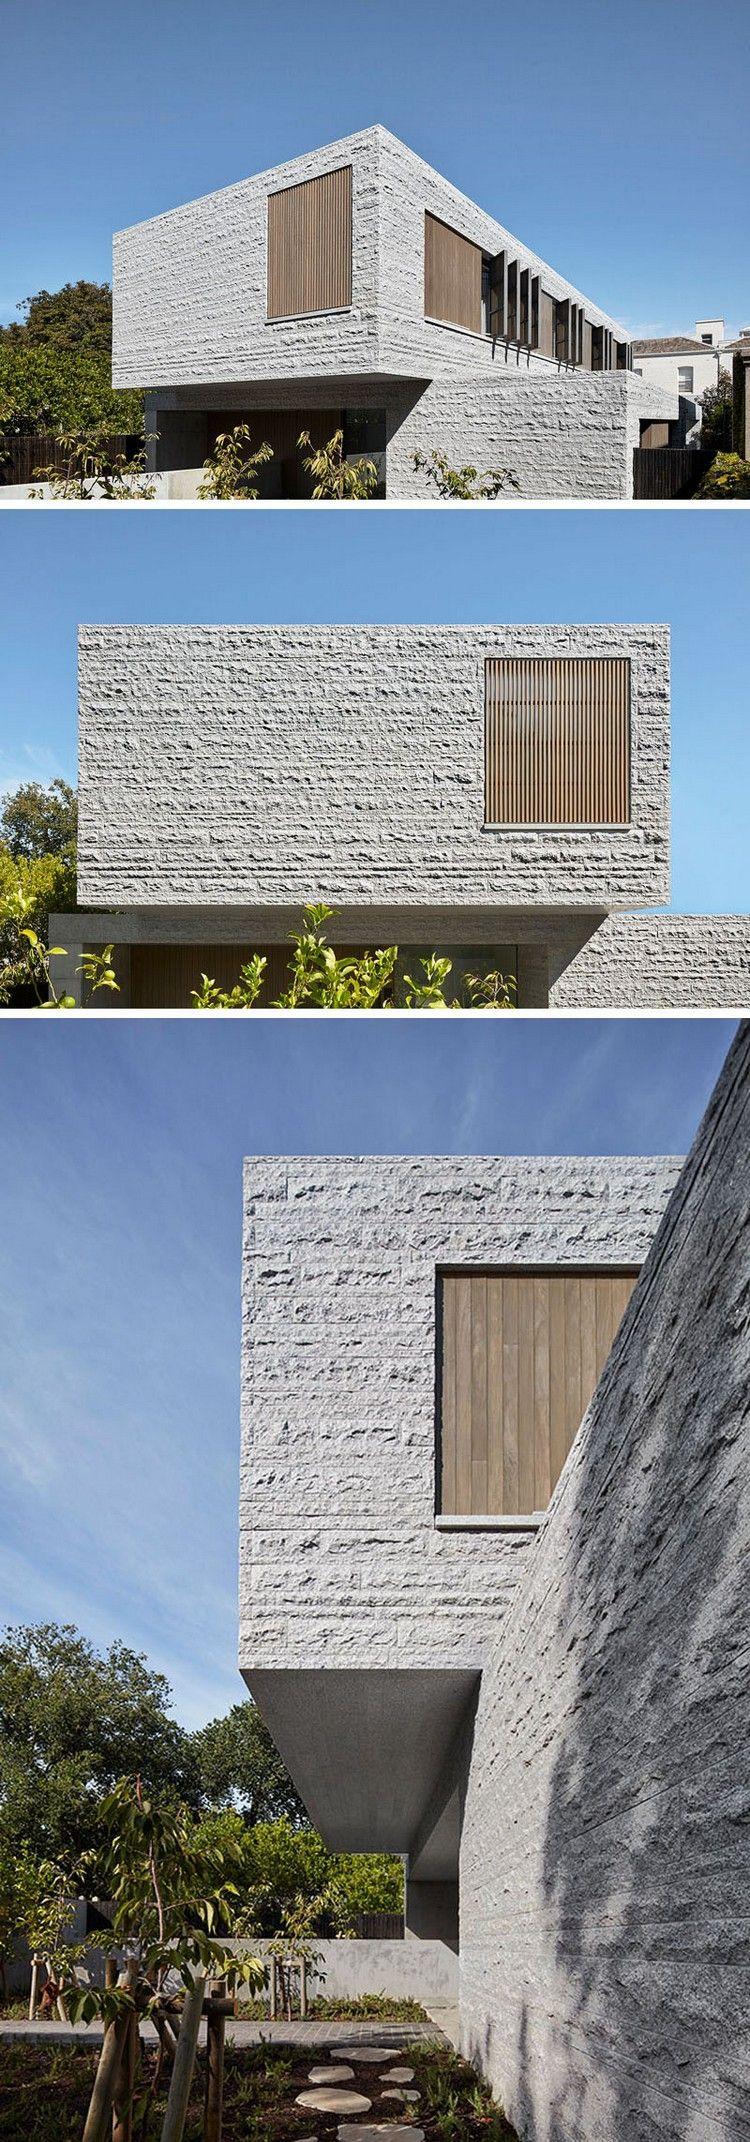 Fassadenverkleidung Granitplatten Minimalistisch Architektur